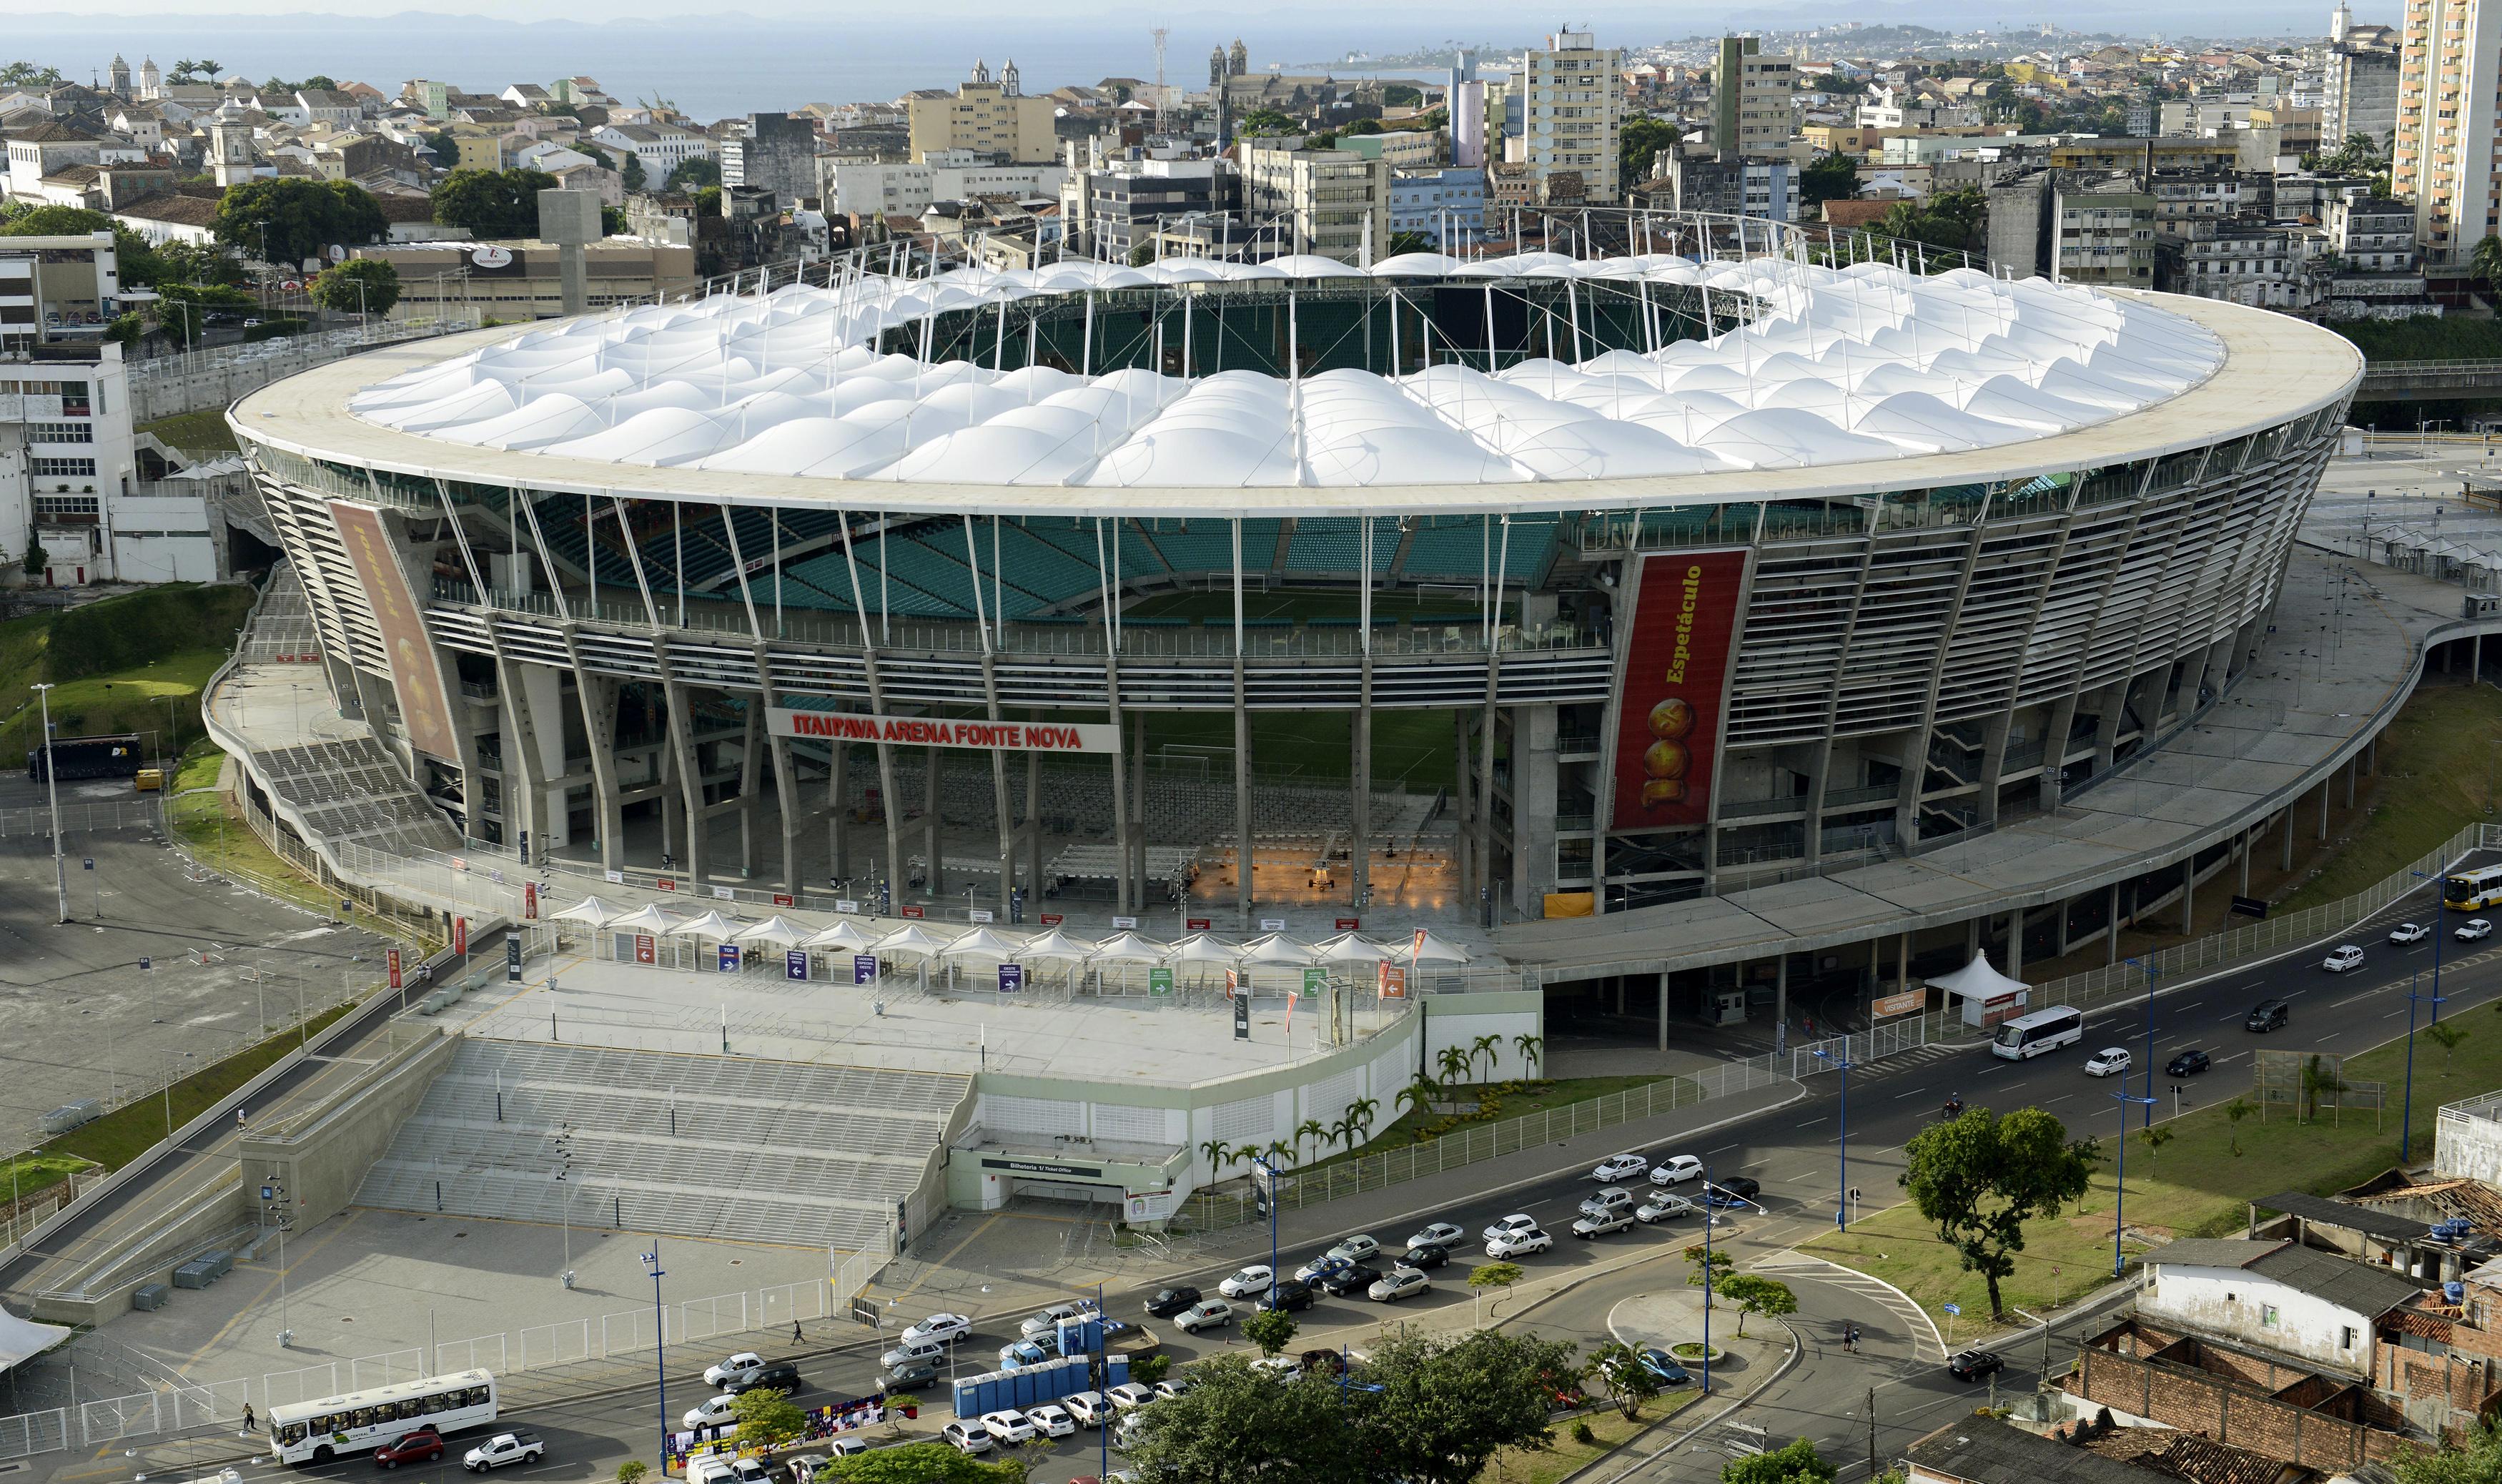 Arena Fonte Nova                                                              City: Salvador                                                              Constructed: 1951                                                              Capacity: 51,700